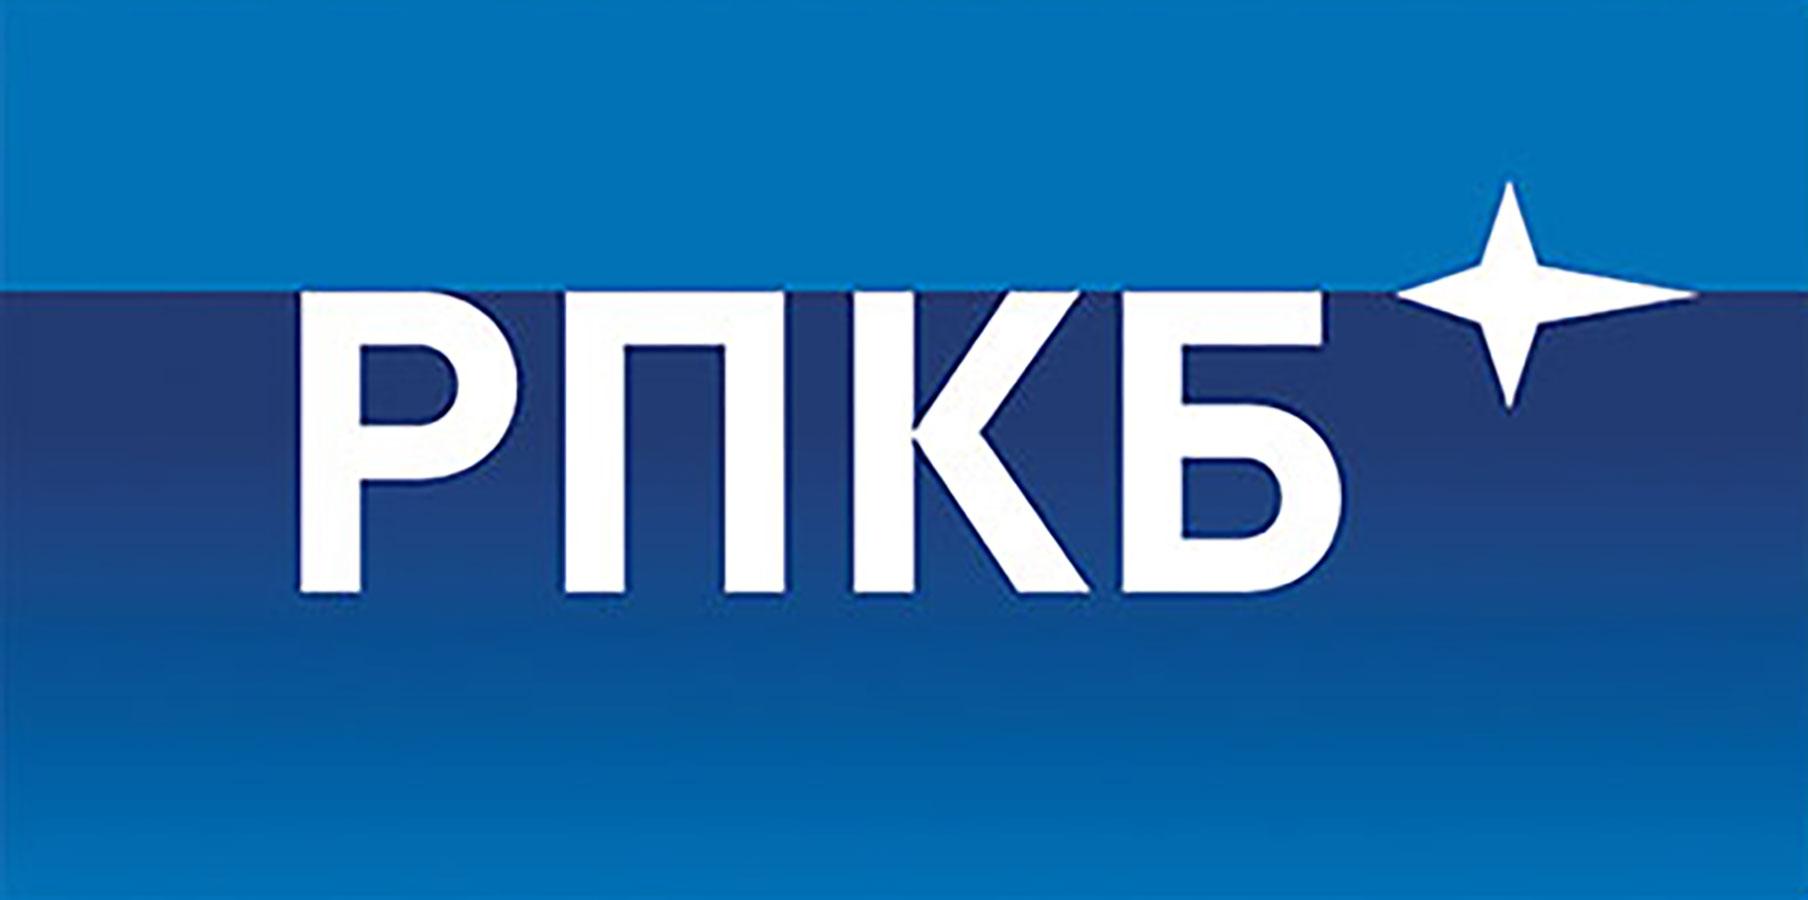 Раменское приборостроительное конструкторское бюро, ОАО, РПКБ